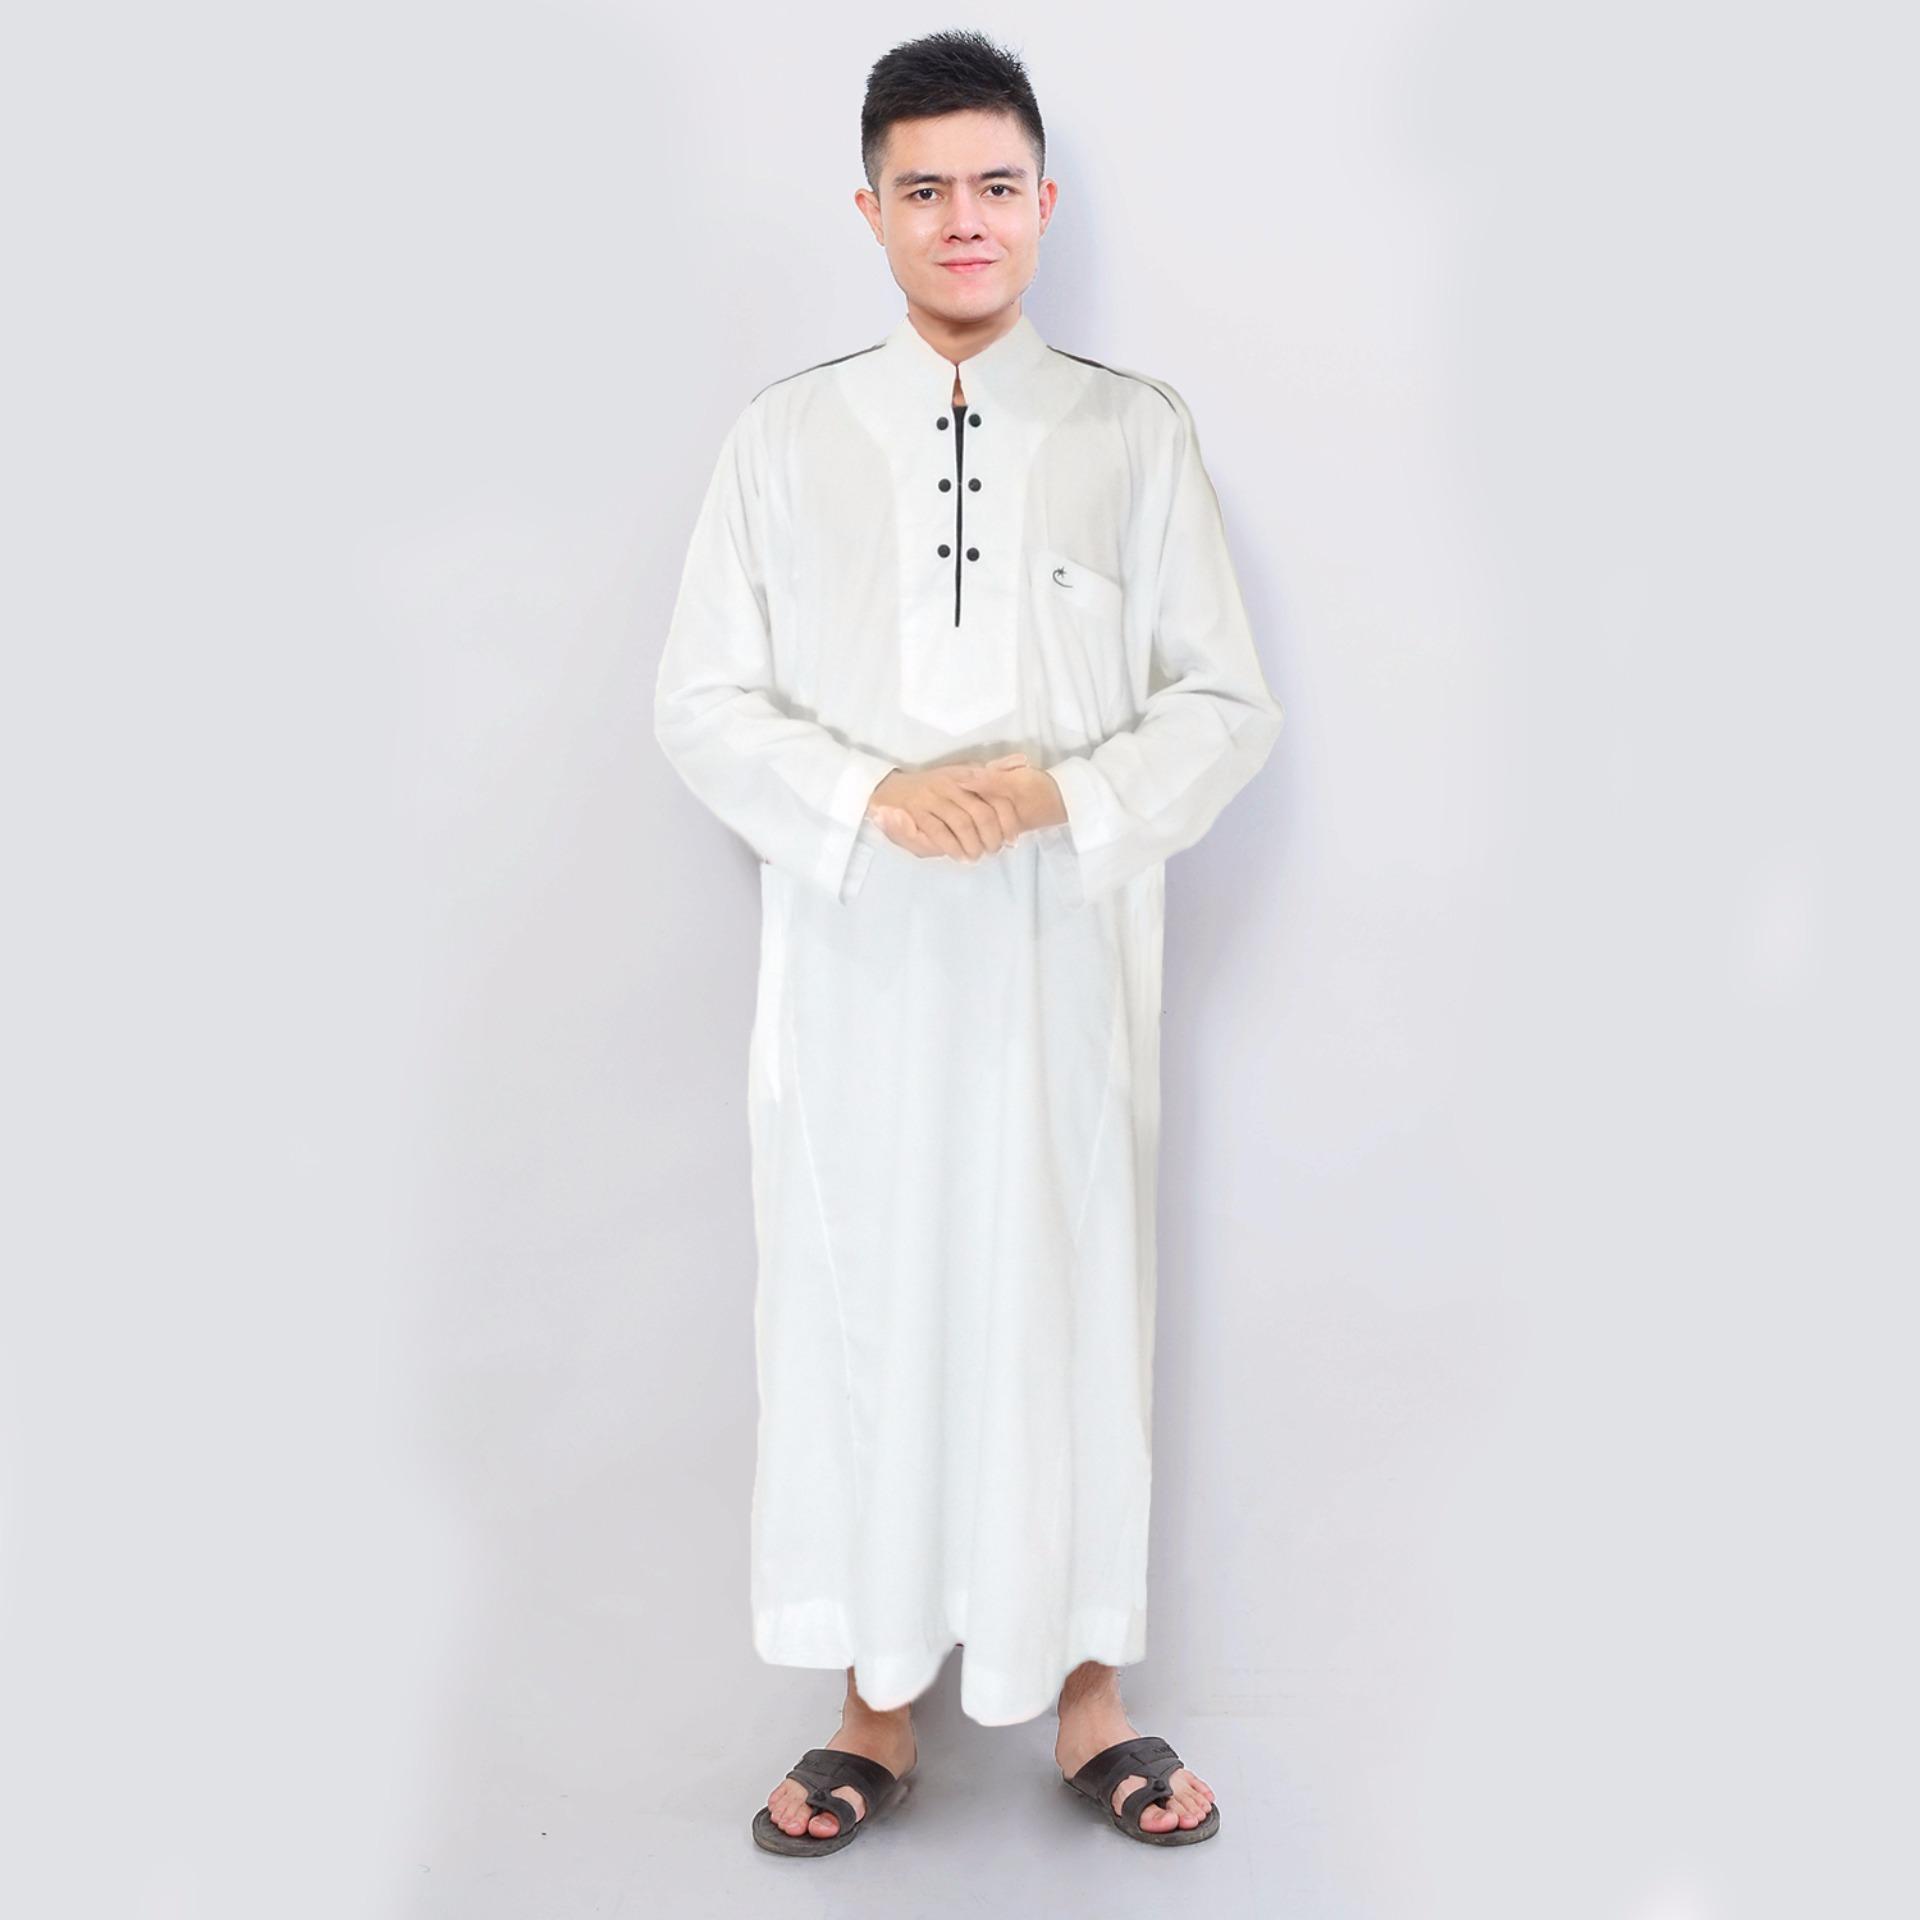 Beli Murah Harga Diskon Jfashion Pakaian Muslim Pria Model Gamis  03 Jubah Afrikani